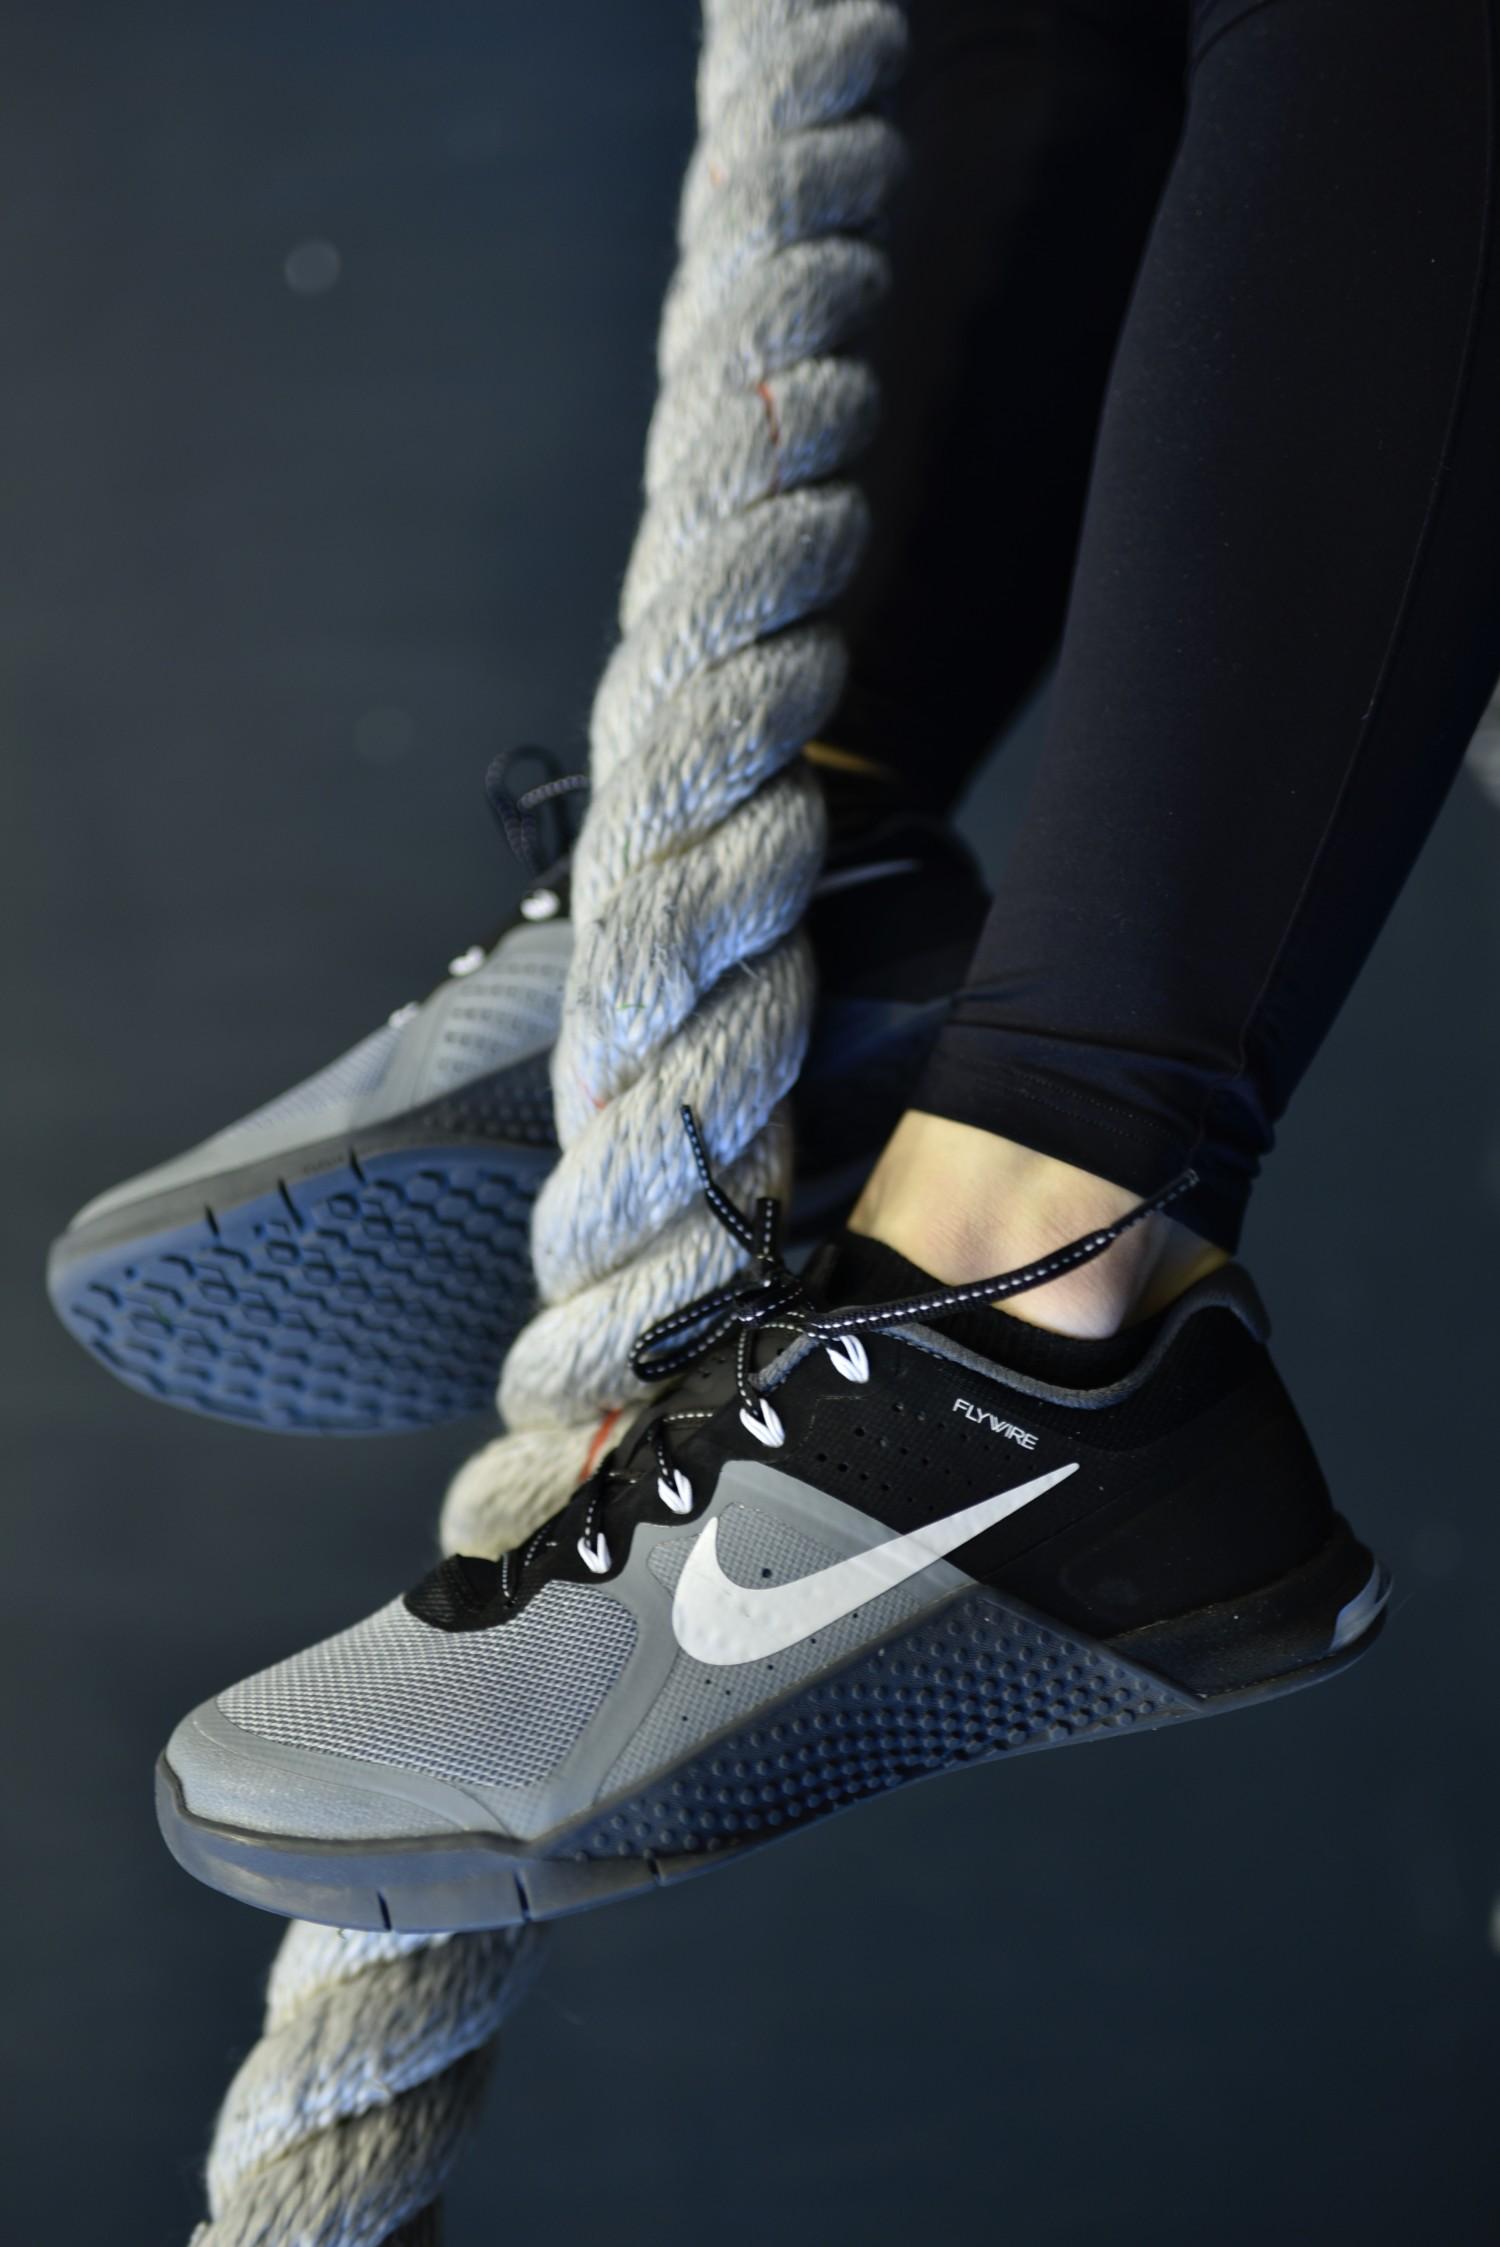 ec3b9efd5f2 Jeg har længe kigget efter nye træningssko, som var mere stabile end de  andre jeg havde. Derfor har jeg lige fået mine Nike Metcon 2 hjem.